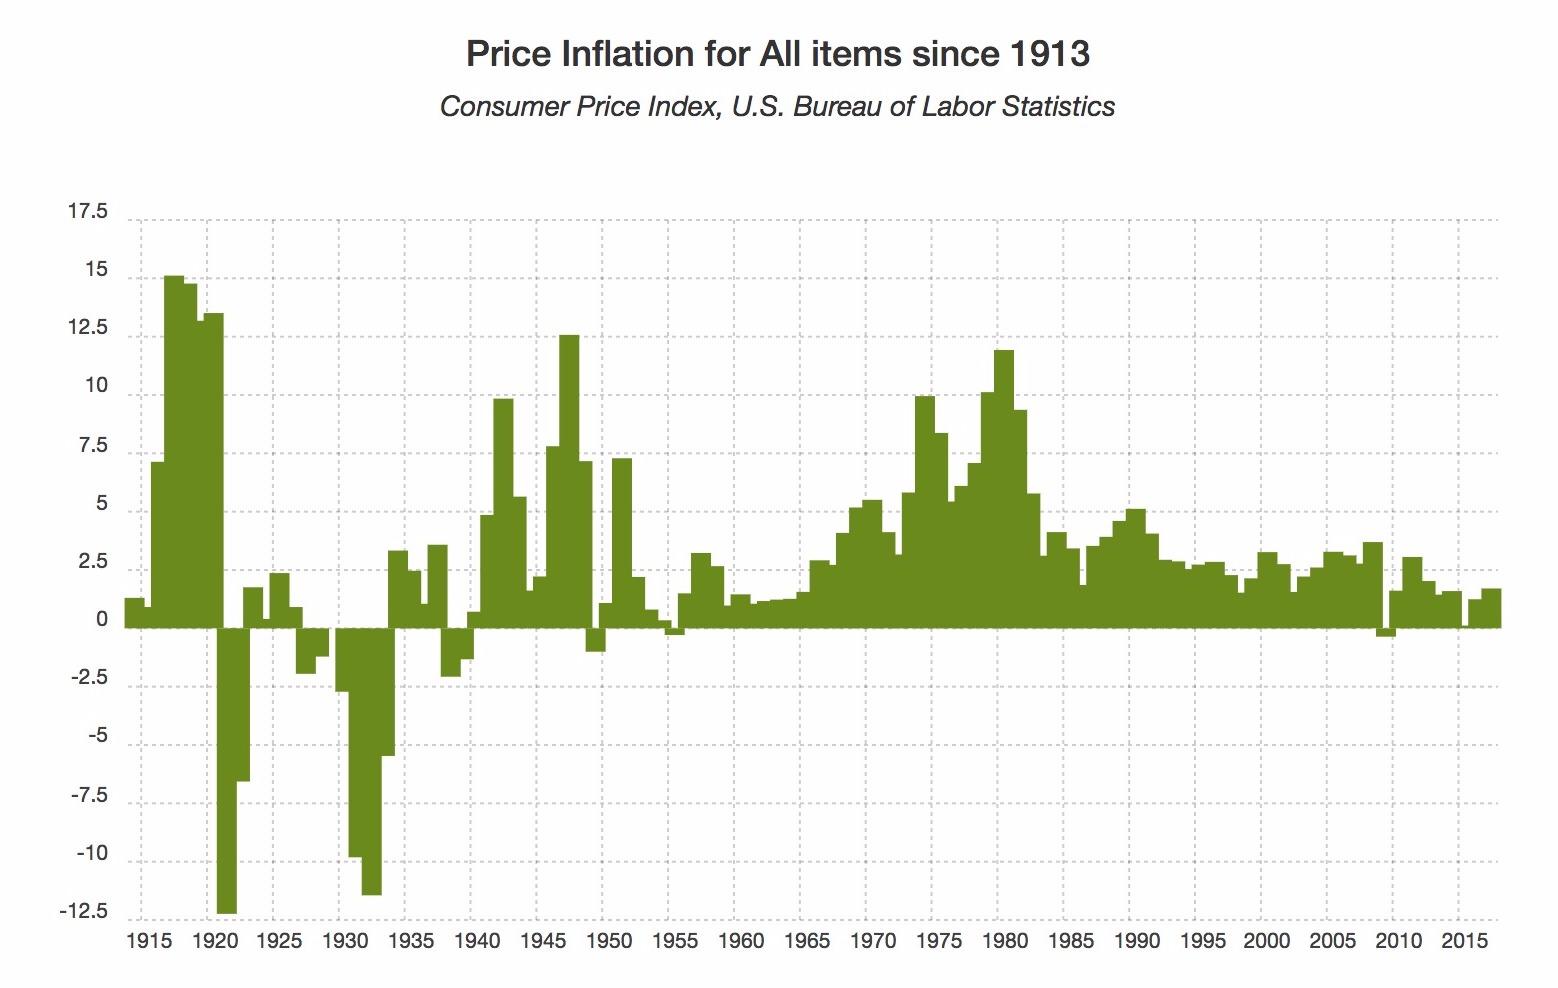 Этот график исторических темпов инфляции составлен с использованием среднегодового значения инфляции с 1913 года, как сообщает Бюро Статистики Труда правительства США. Инфляция - это скорость изменения индекса потребительских цен (ИПЦ). Годы с наибольшими изменениями в ценообразовании были 1917 (15.12%), 1918 (14.78%), и 1920 (13,51%).